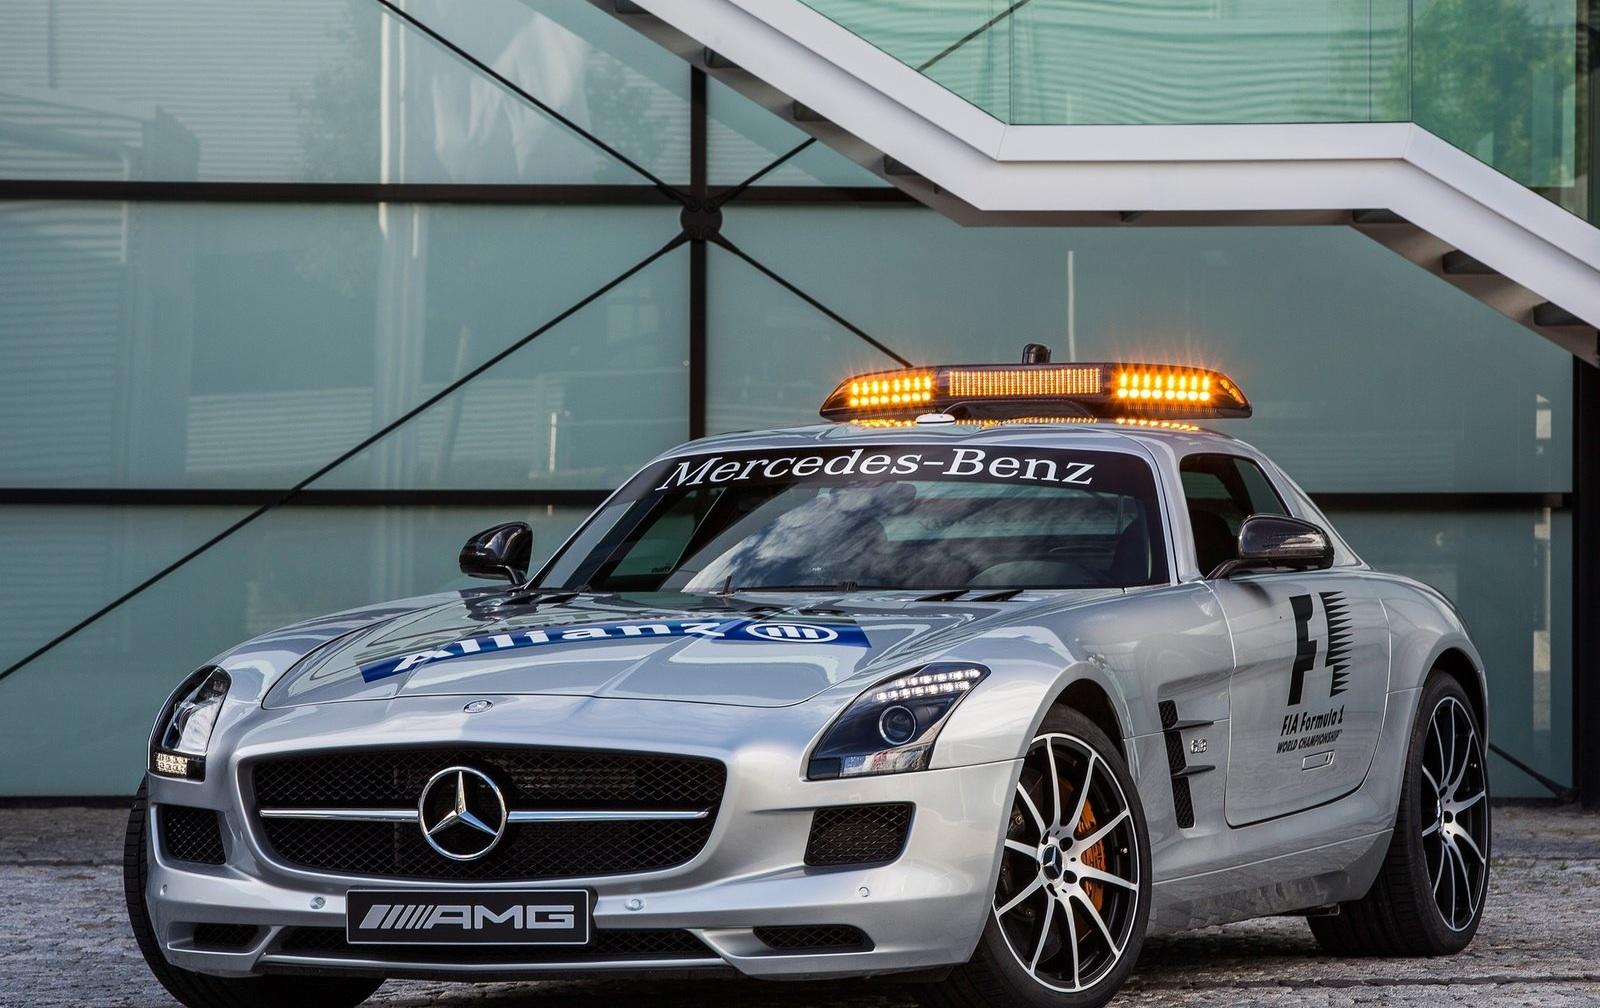 mercedes sls amg gt f1 safety car unveiled autoevolution. Black Bedroom Furniture Sets. Home Design Ideas